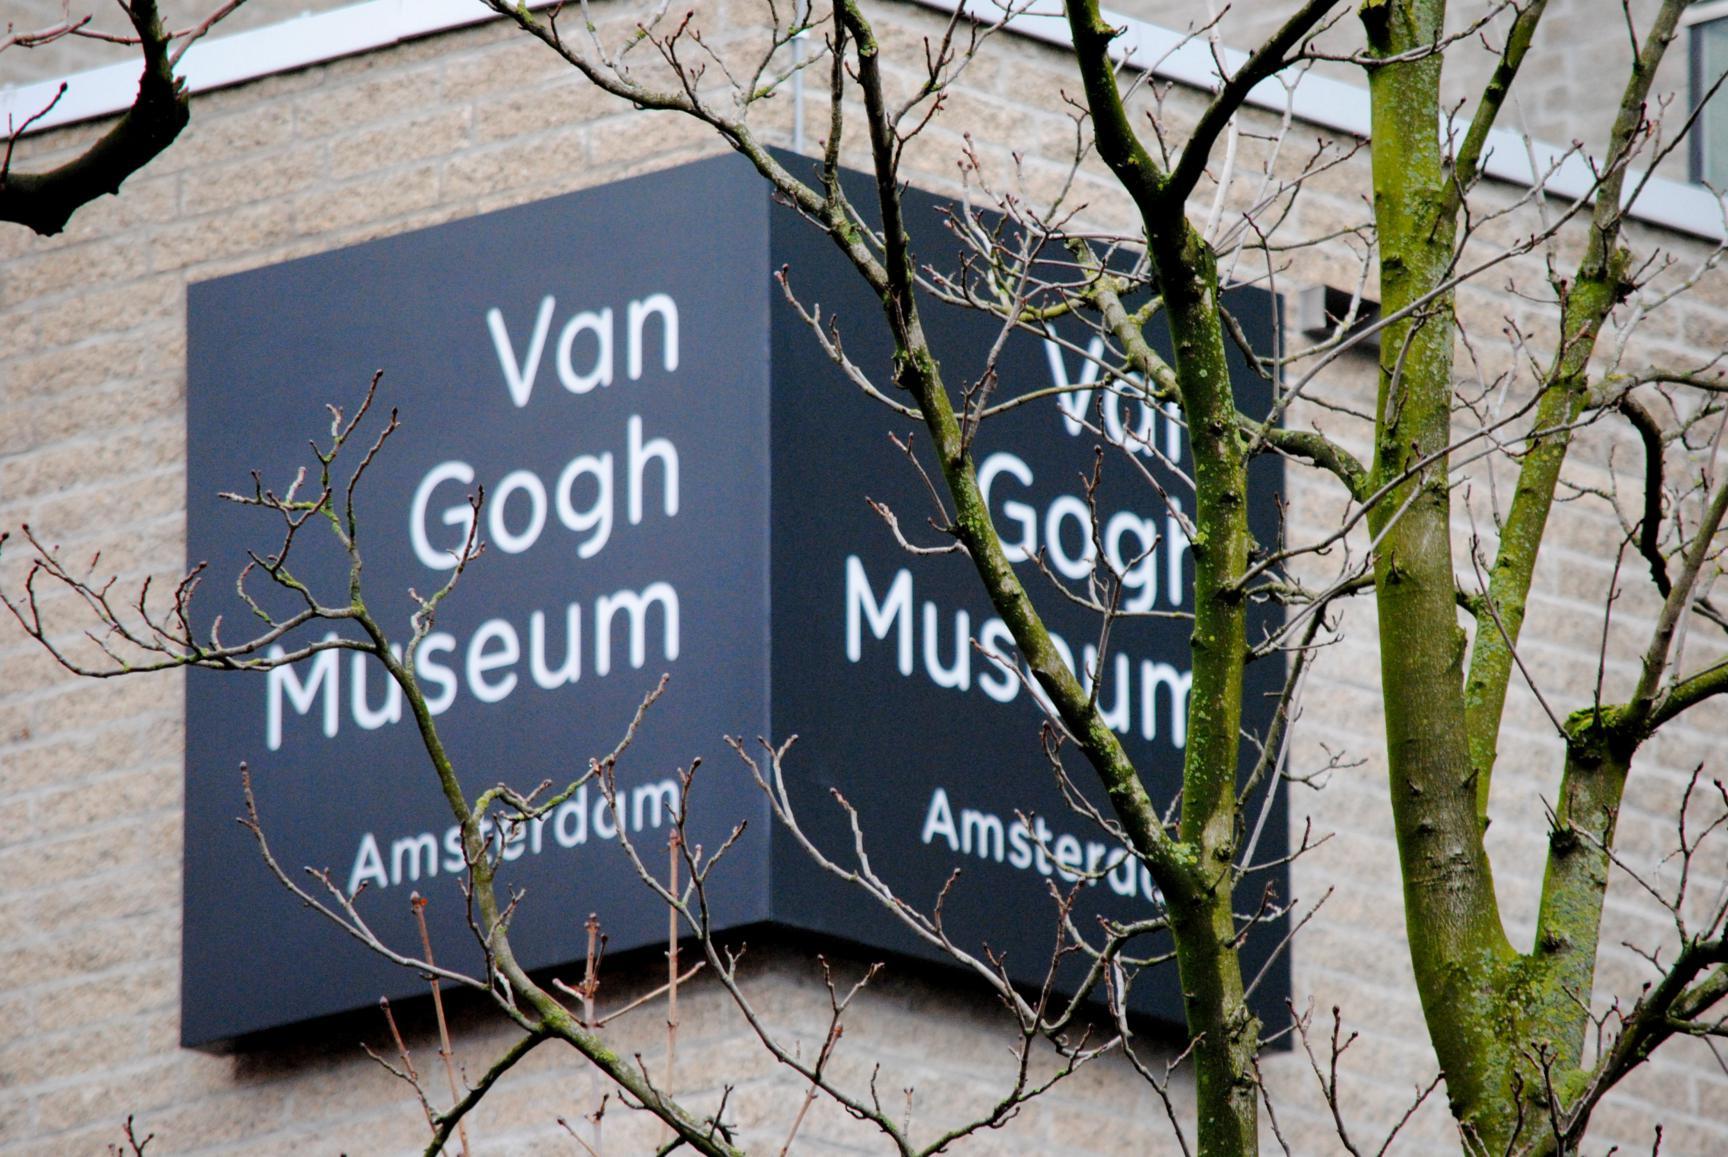 que-ver-amsterdam-museo-van-gogh